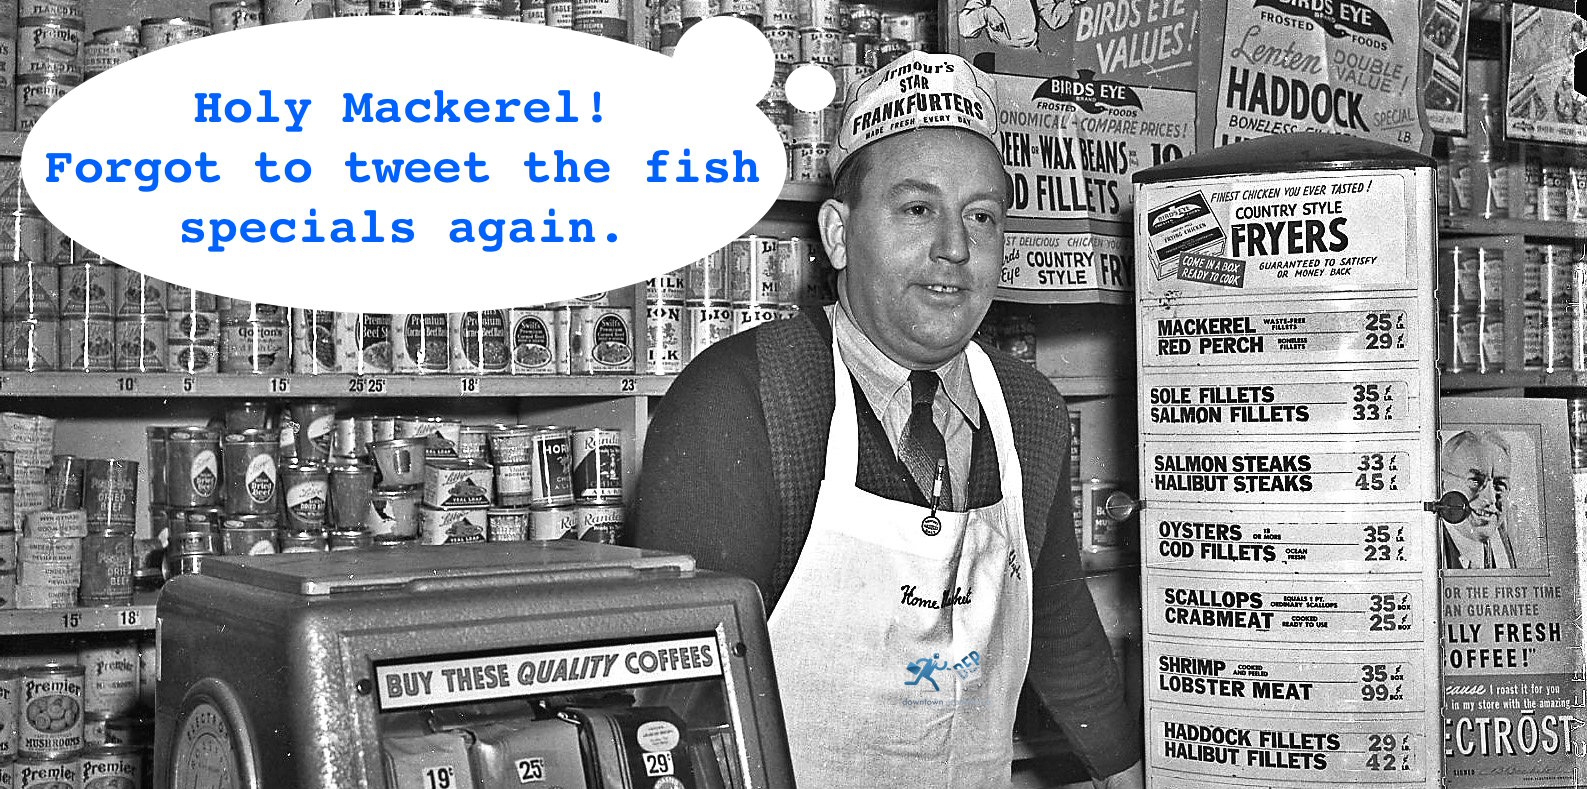 The Fish Specials